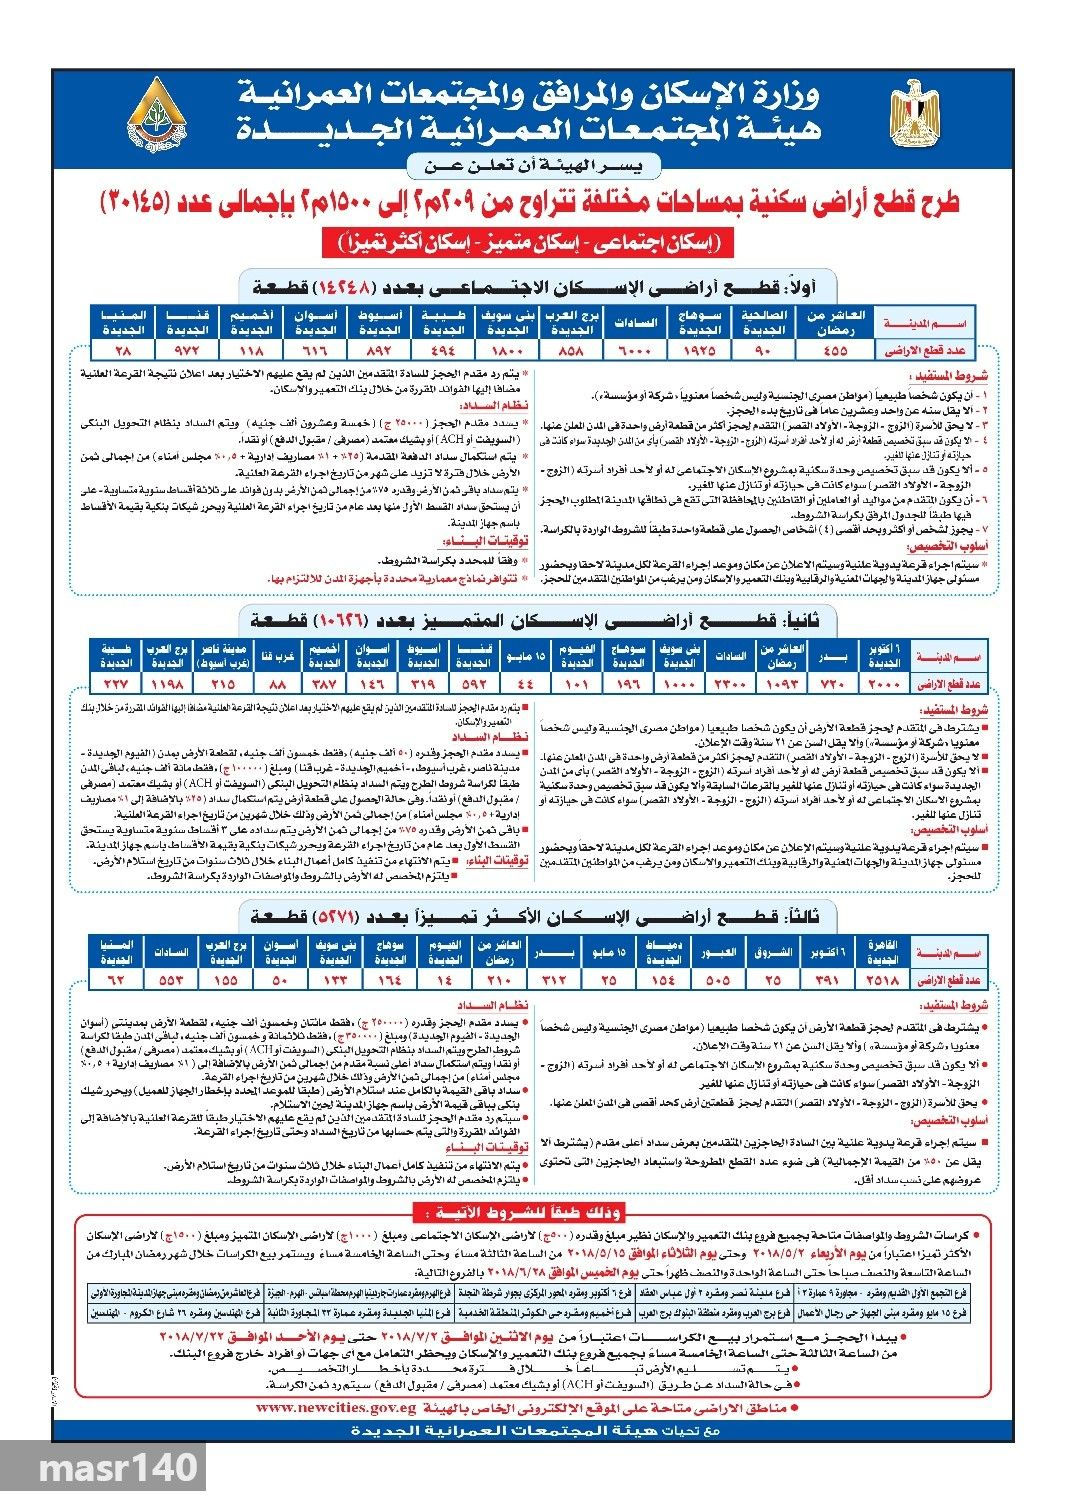 موعد قرعة اراضى الاسكان المتميز 2018 والإسكان الاجتماعى والأكثر تميزا Egypt Periodic Table